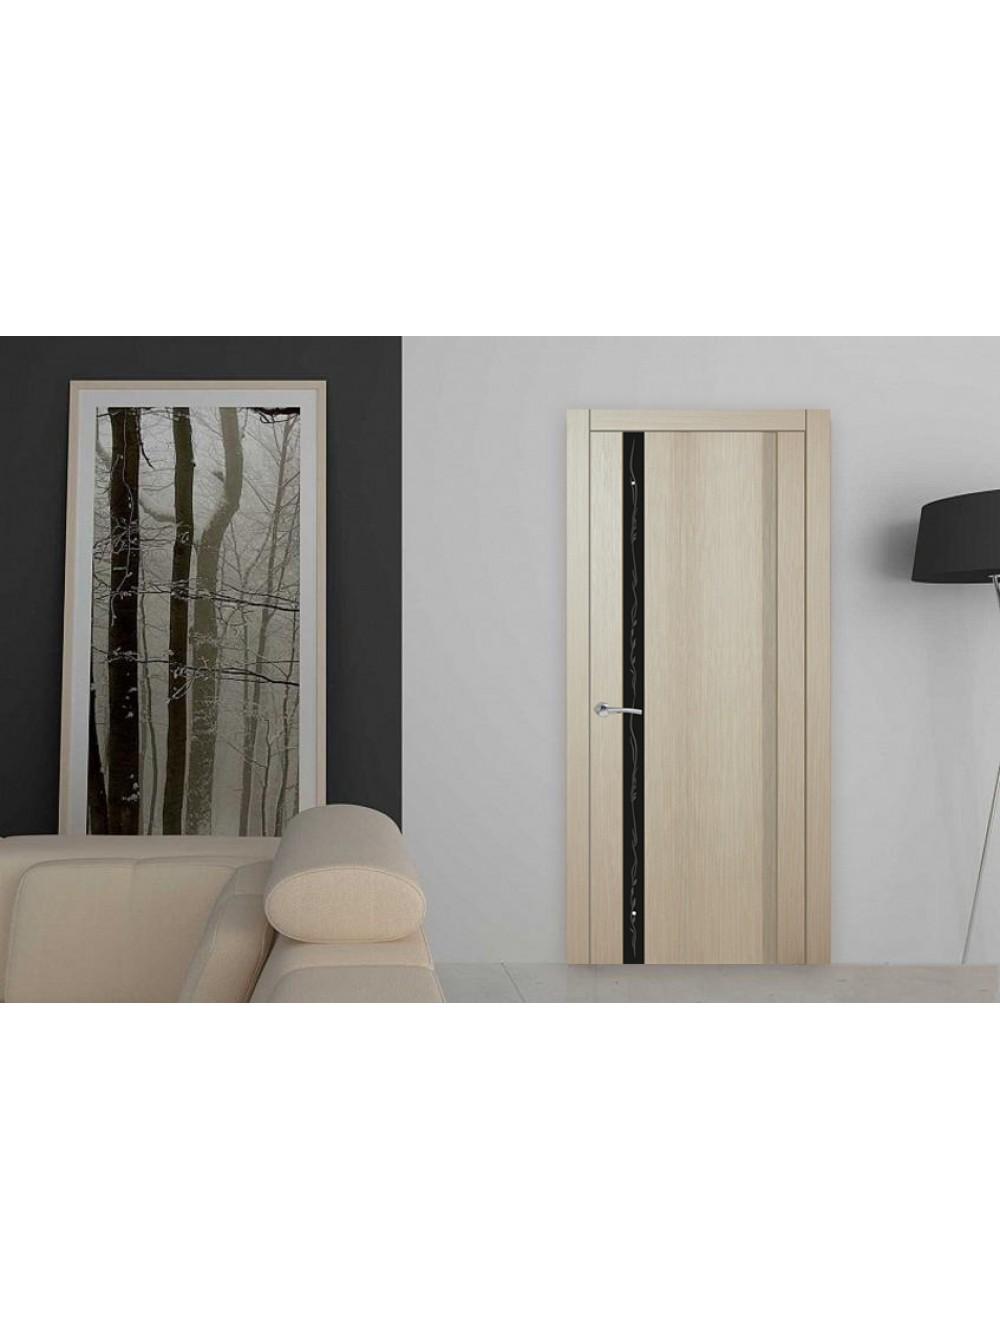 Межкомнатная дверь Европа 1 с рисунком(Остекленное полотно)